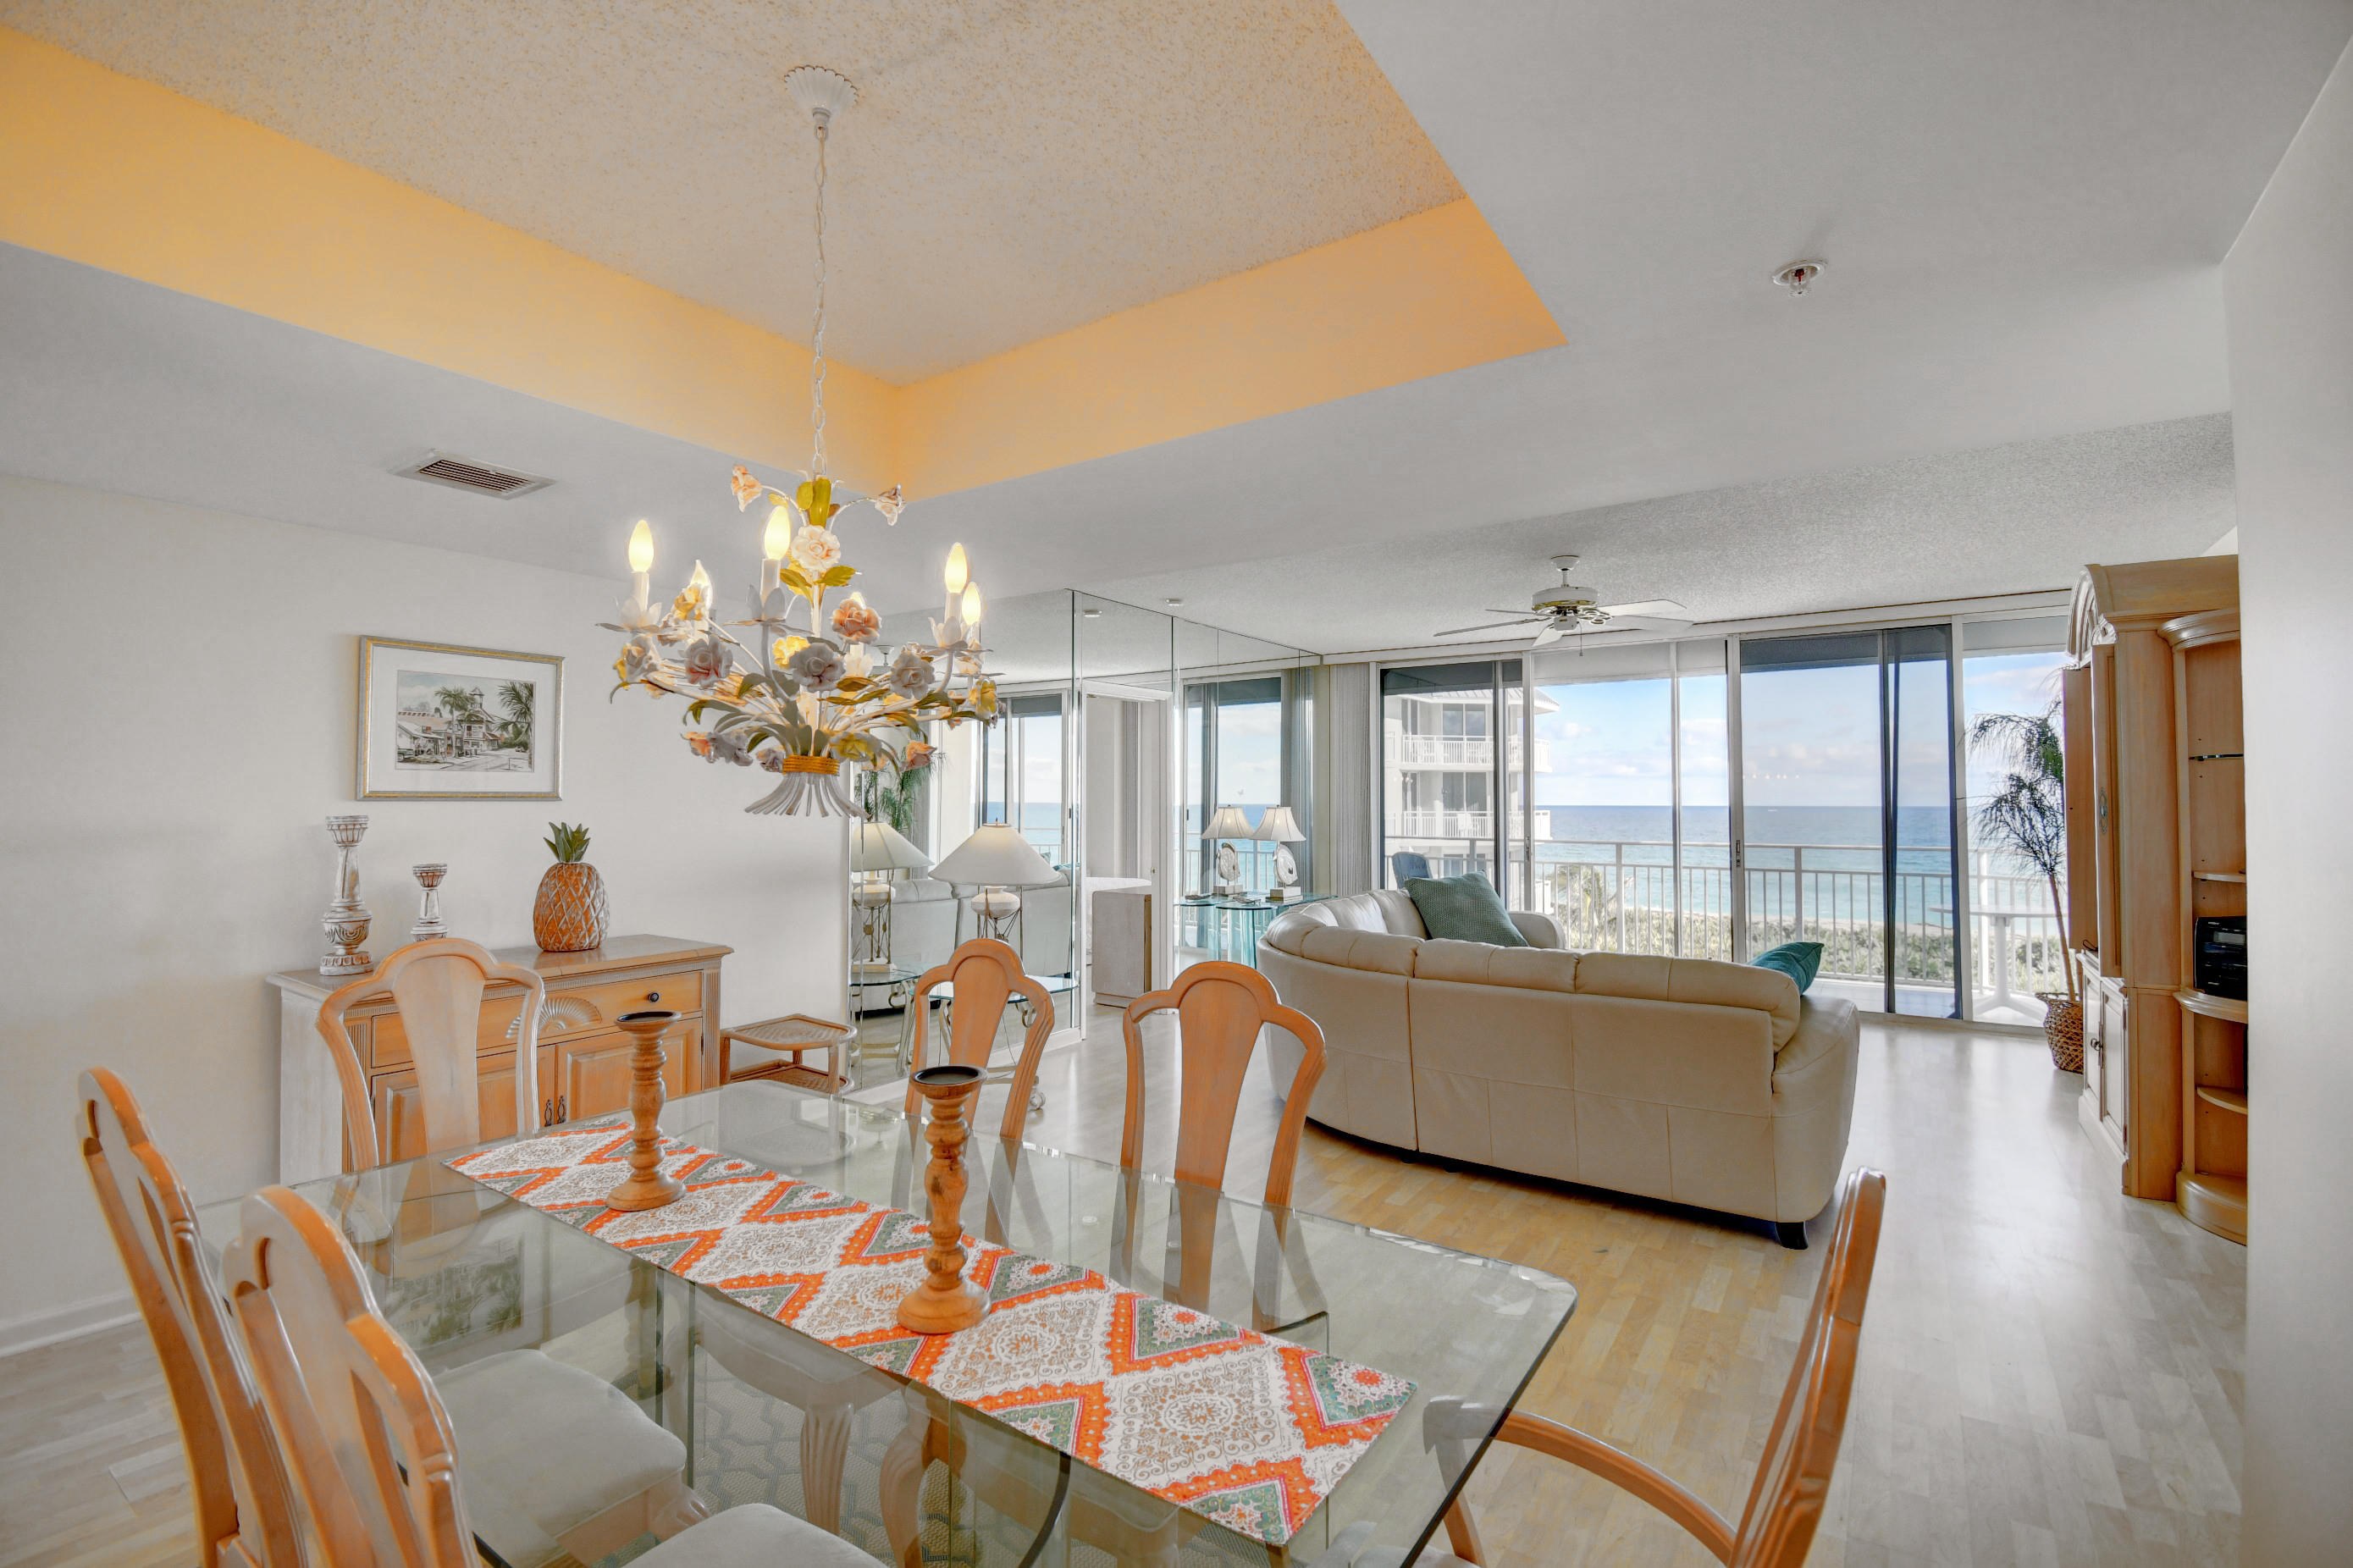 579 Plantation Road, Stuart, Florida 34996, 2 Bedrooms Bedrooms, ,2 BathroomsBathrooms,Condo/Coop,For Sale,Plantation Road,3,RX-10430454